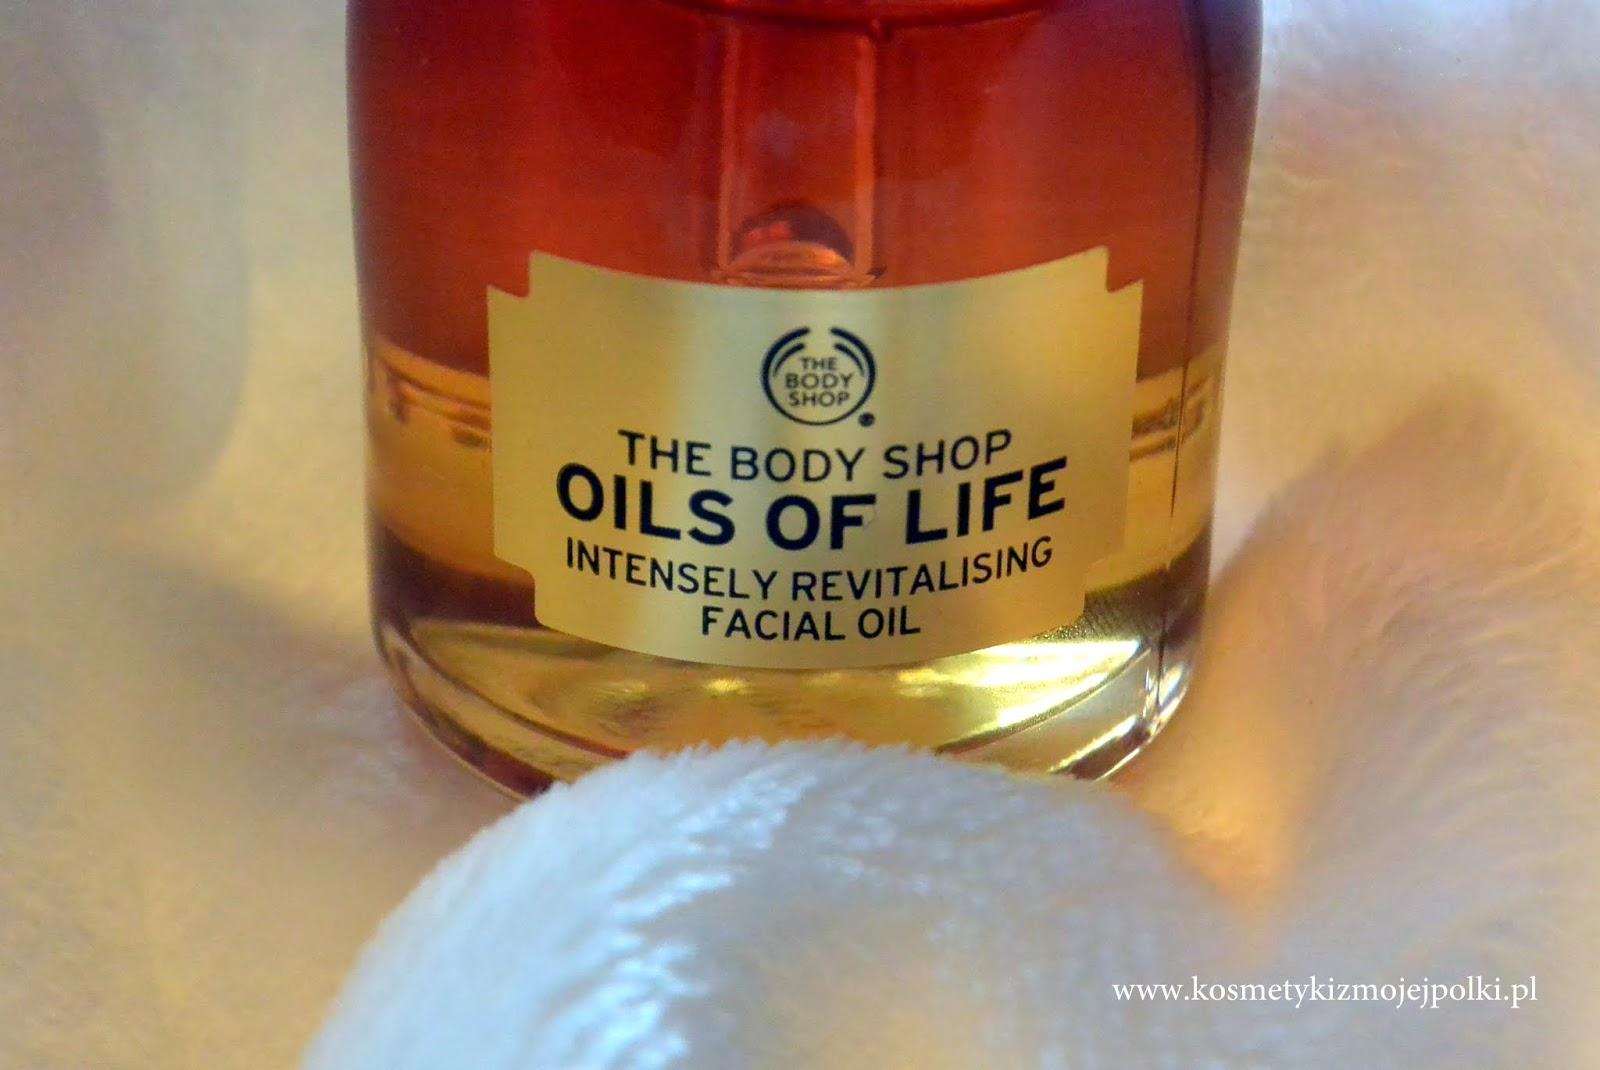 OILS OF LIFE Intensywnie rewitalizujący olejek do twarzy THE BODY SHOP